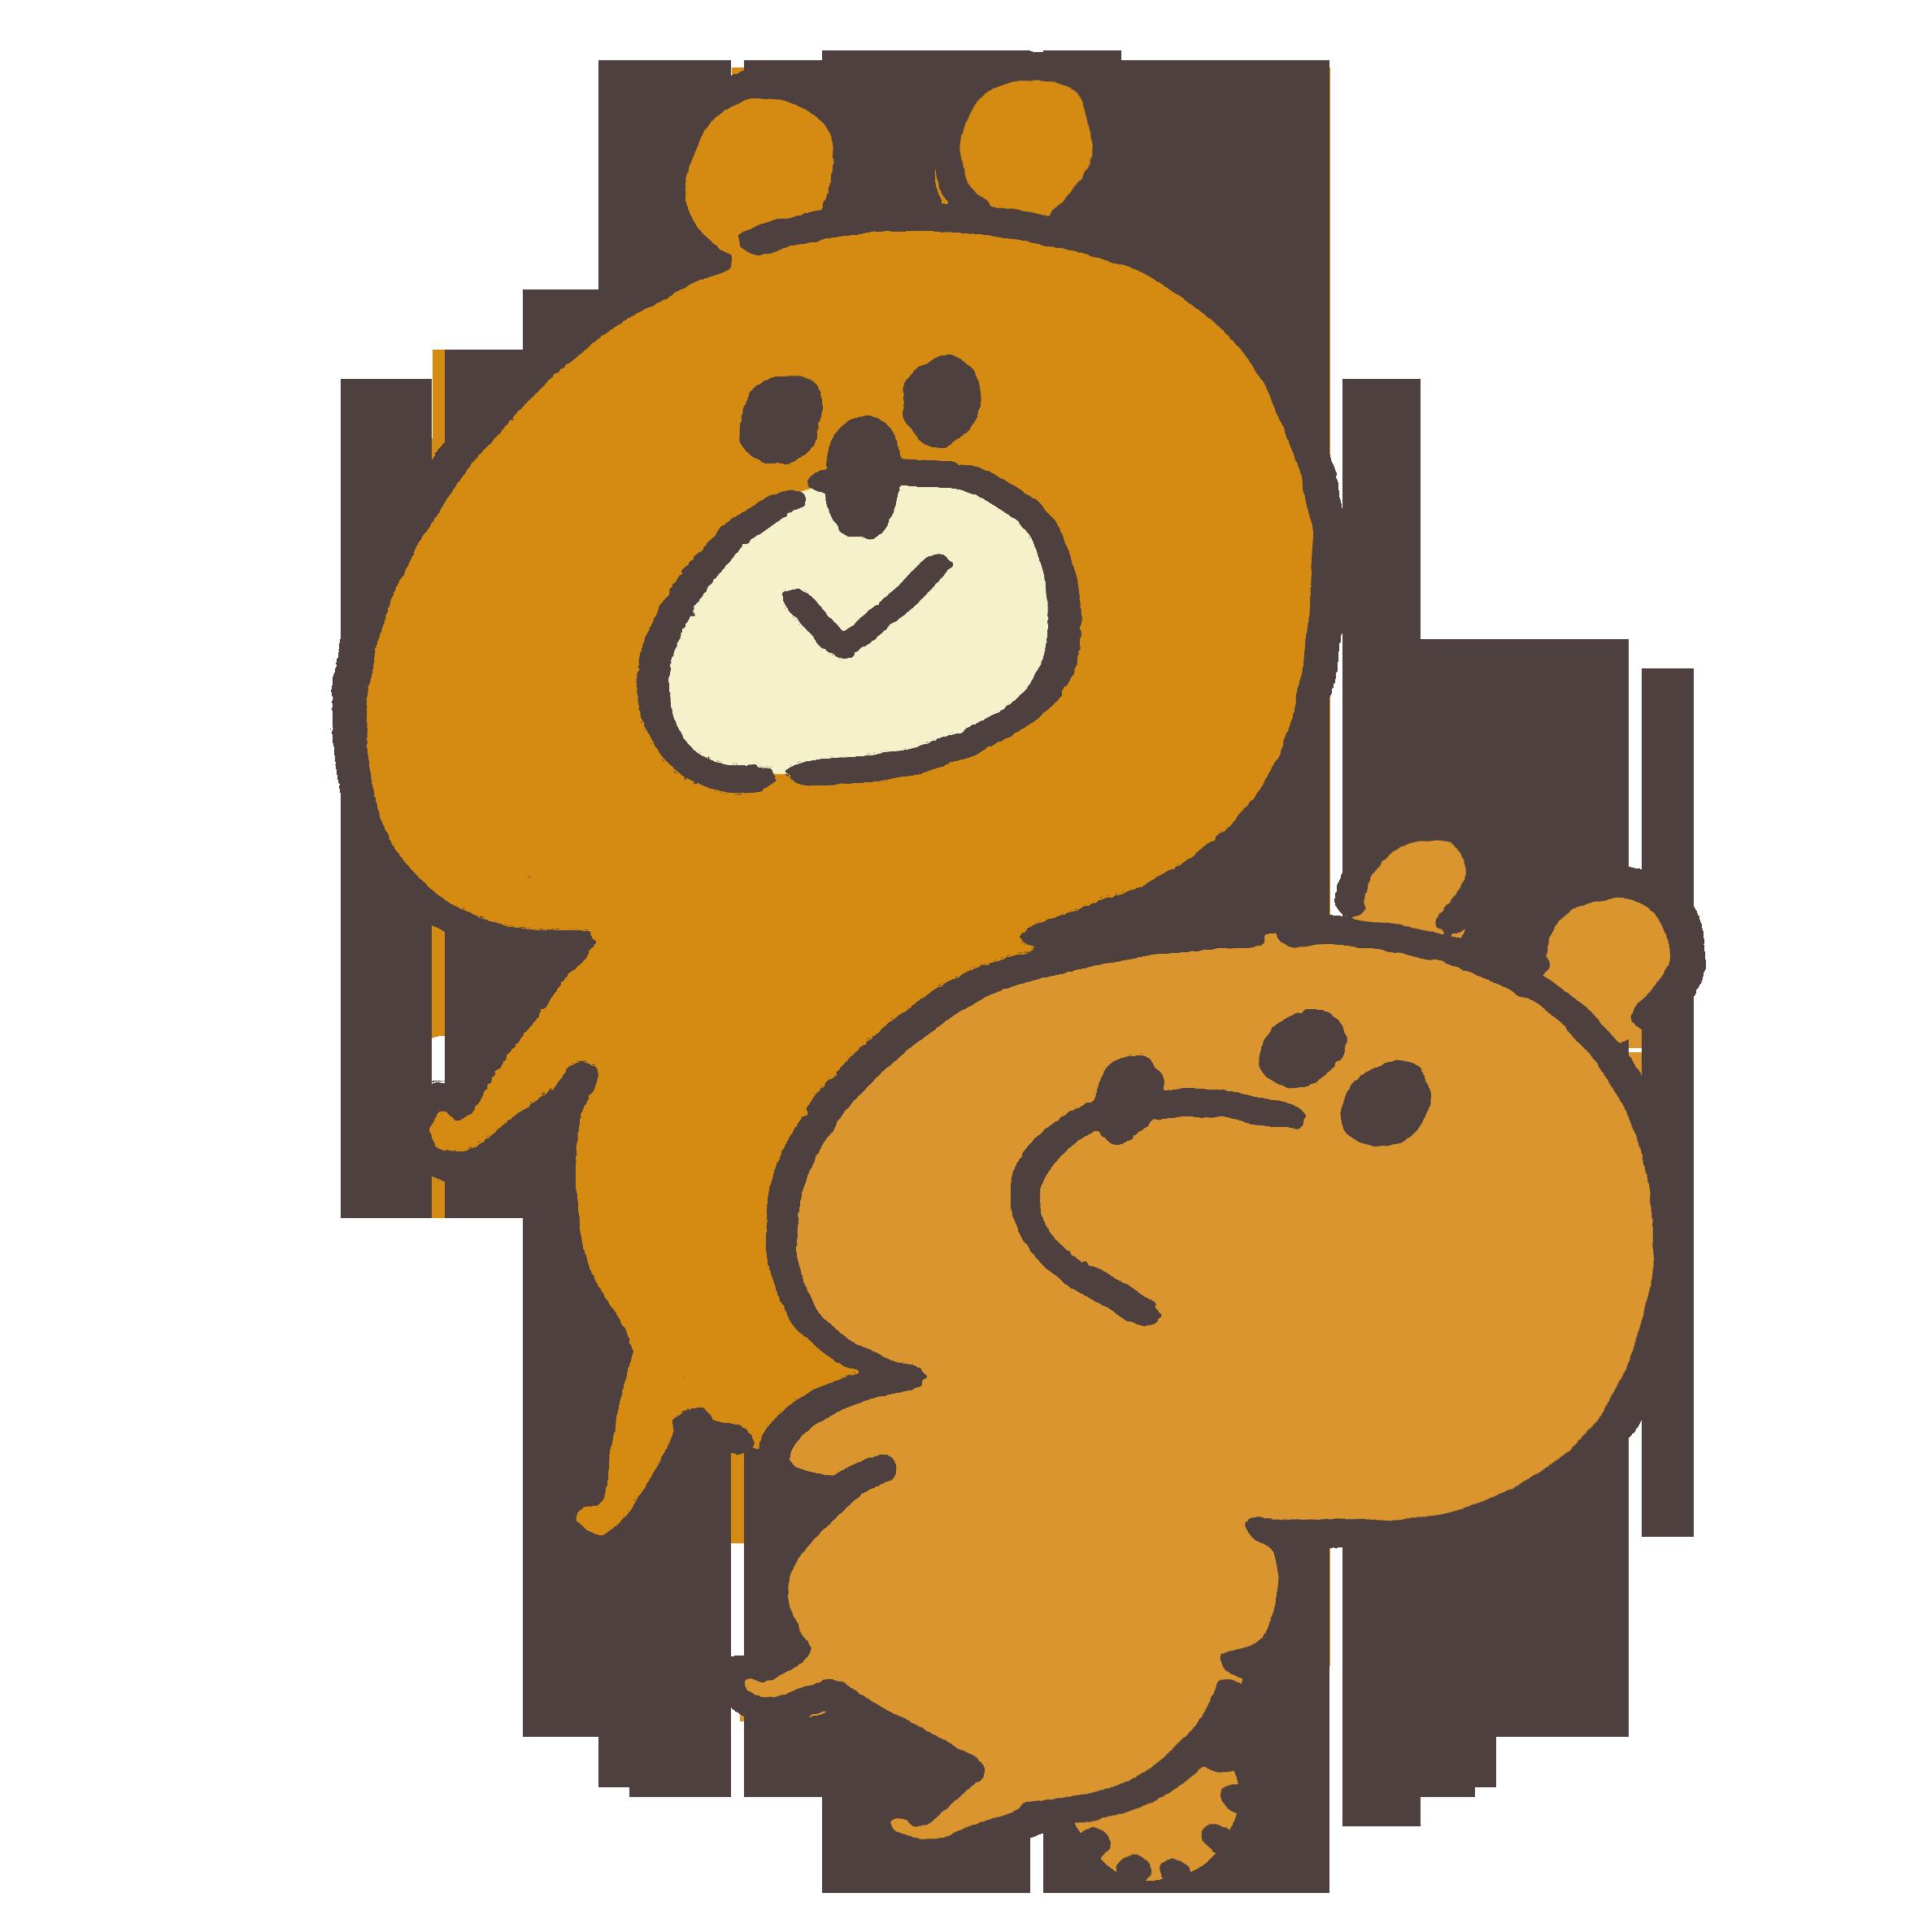 熊と子熊のイラスト